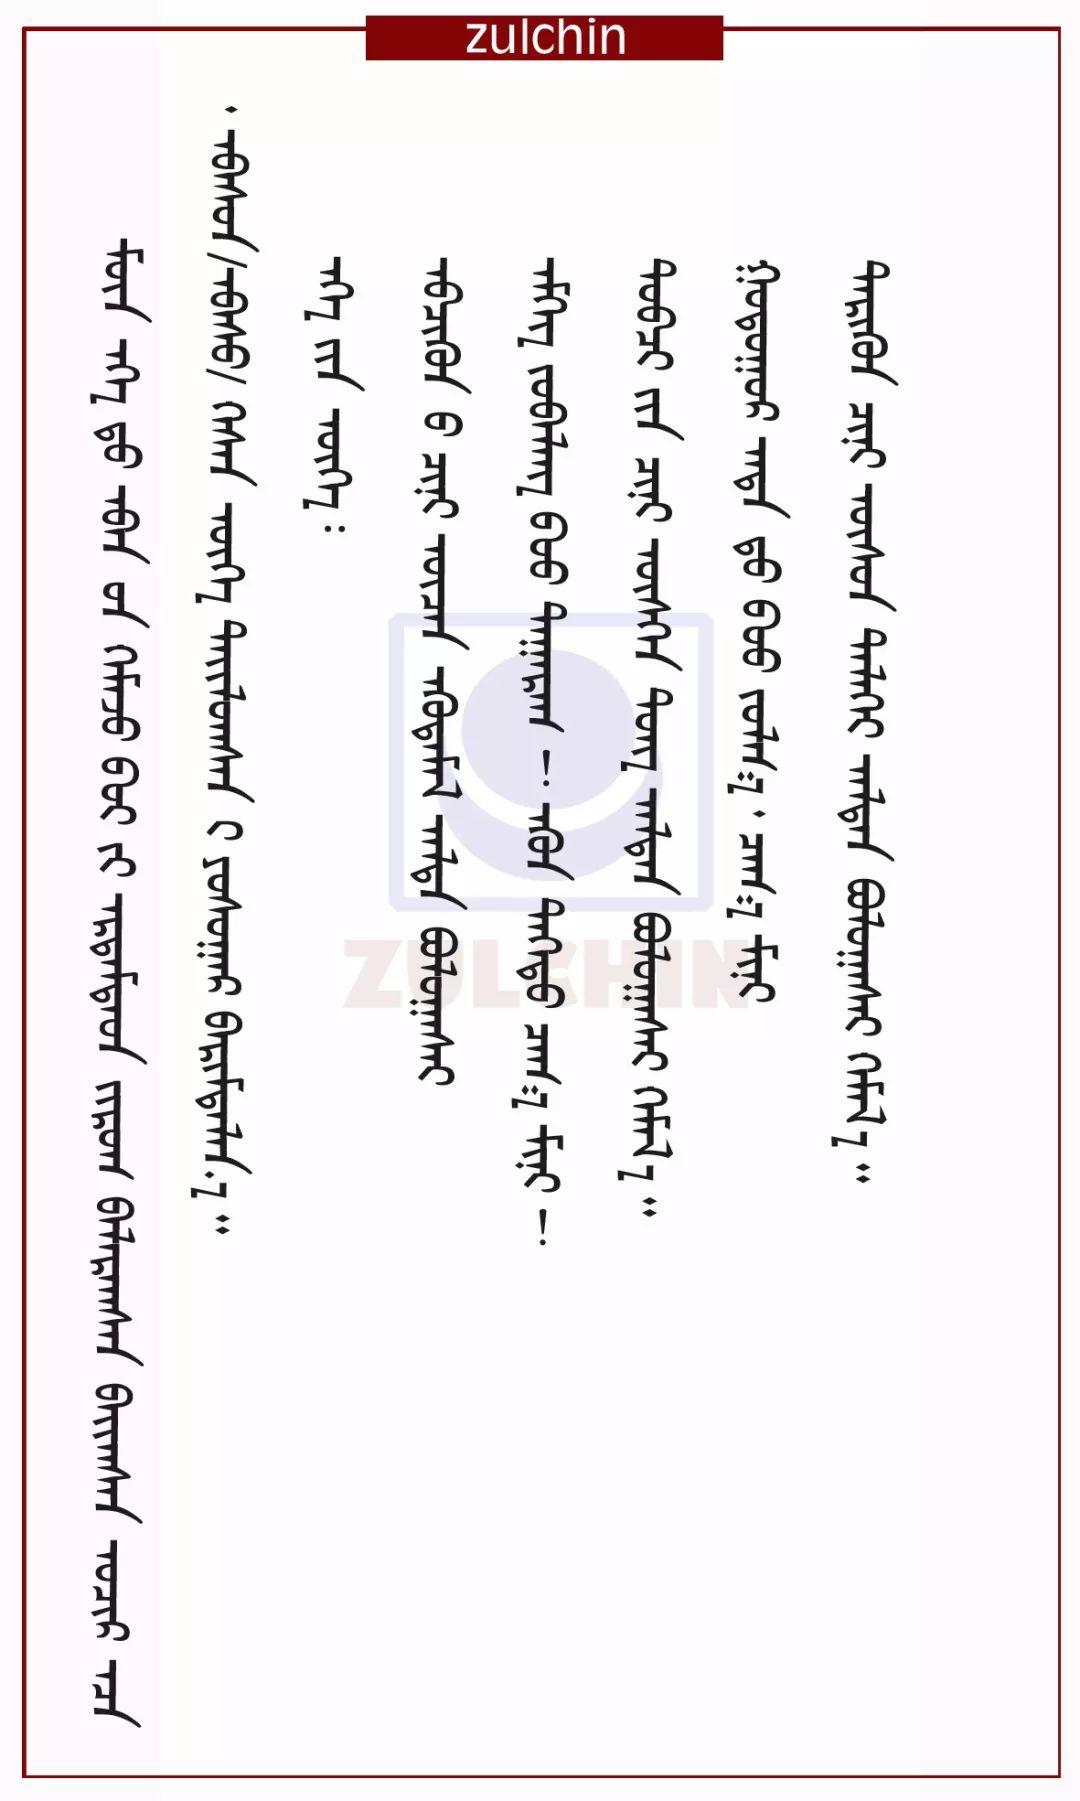 俄罗斯出土发现金帐汗国时期蒙古文信件 (蒙古文) 第3张